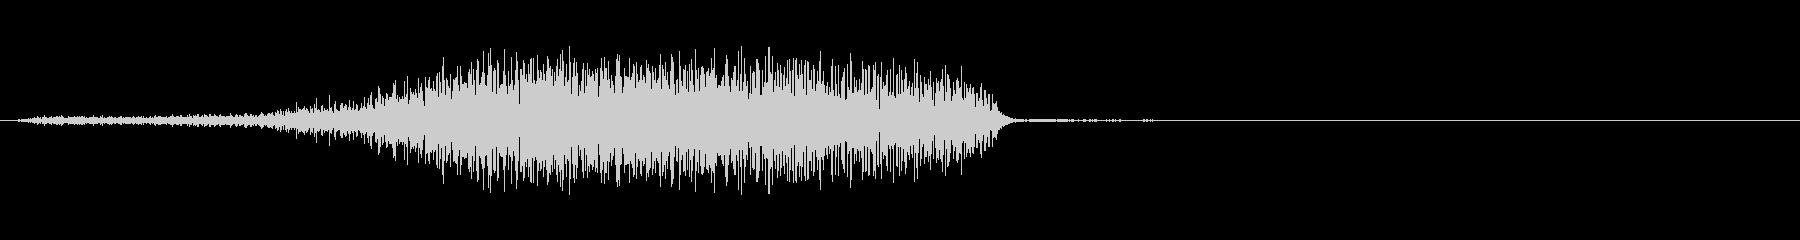 STEEL GUITAR:BIG ...の未再生の波形